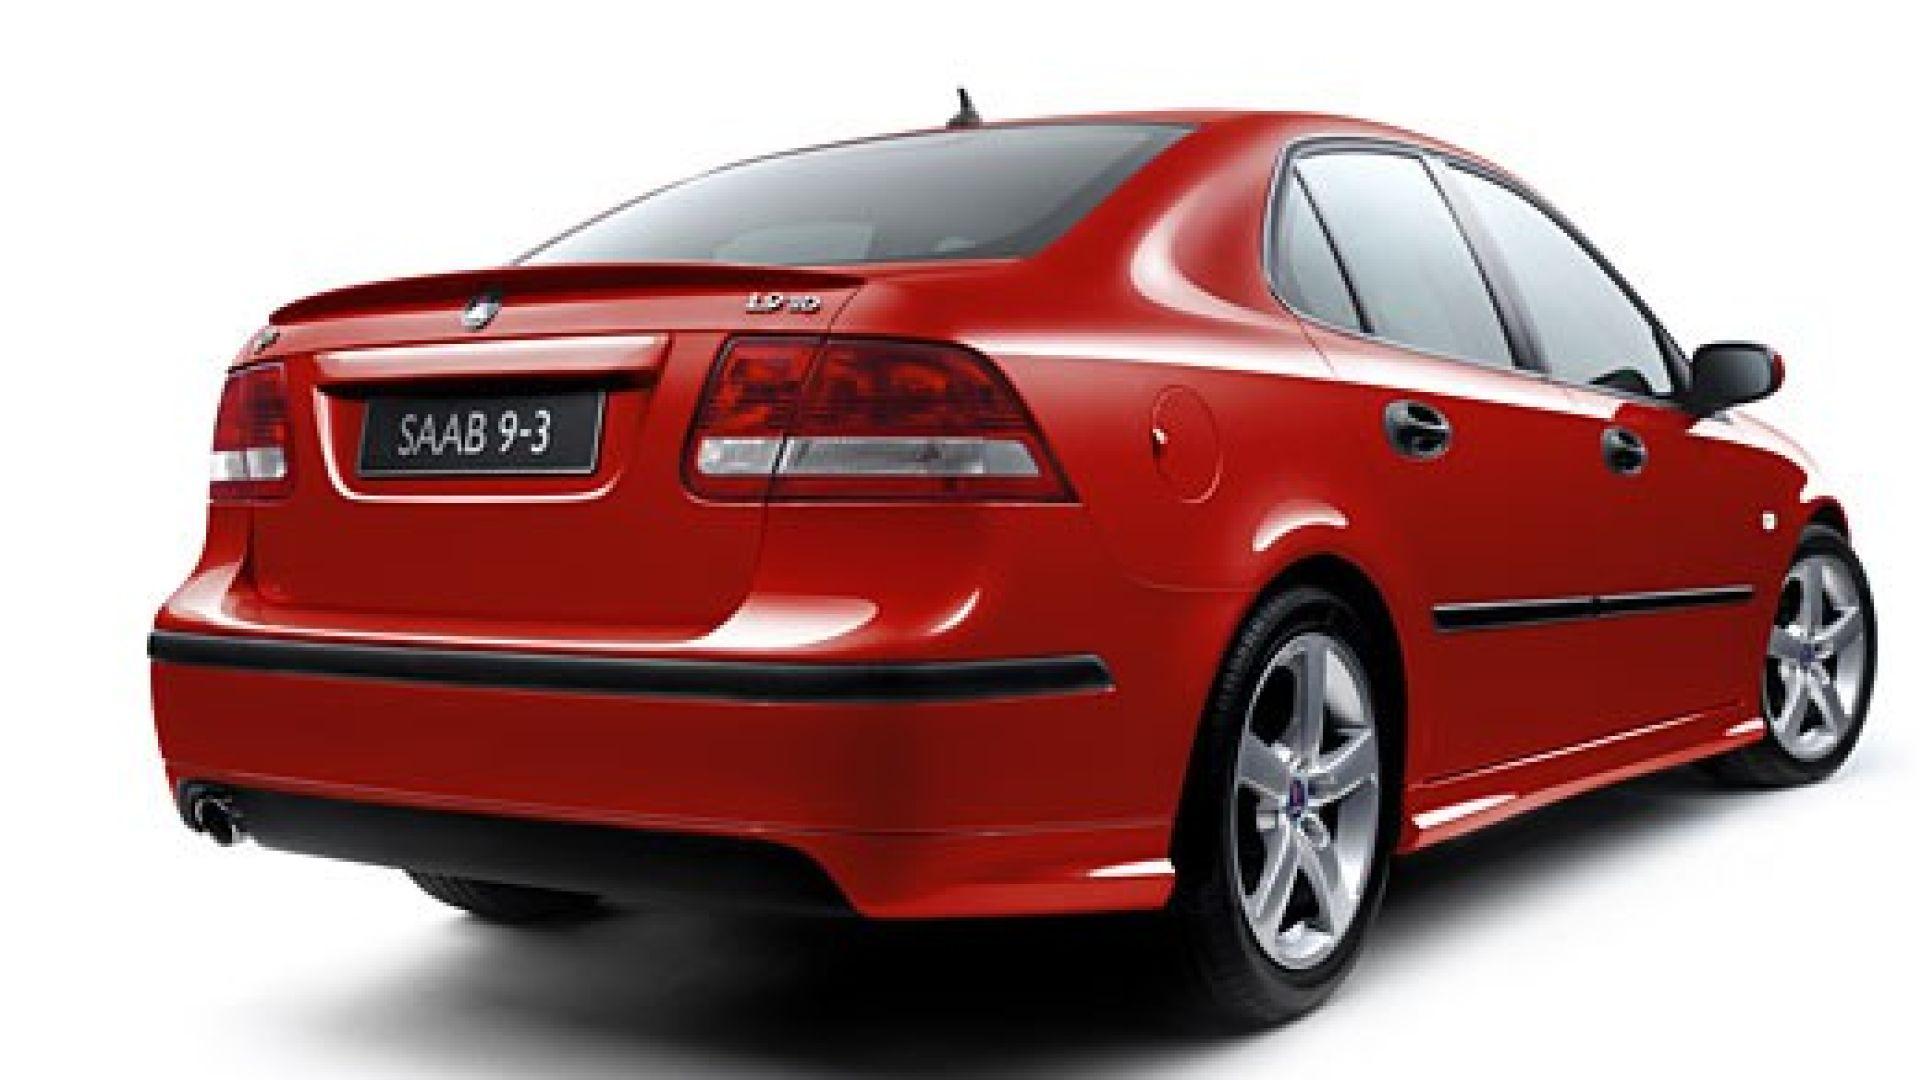 Immagine 1: Anteprima: Saab 9-3 1.9 TiD